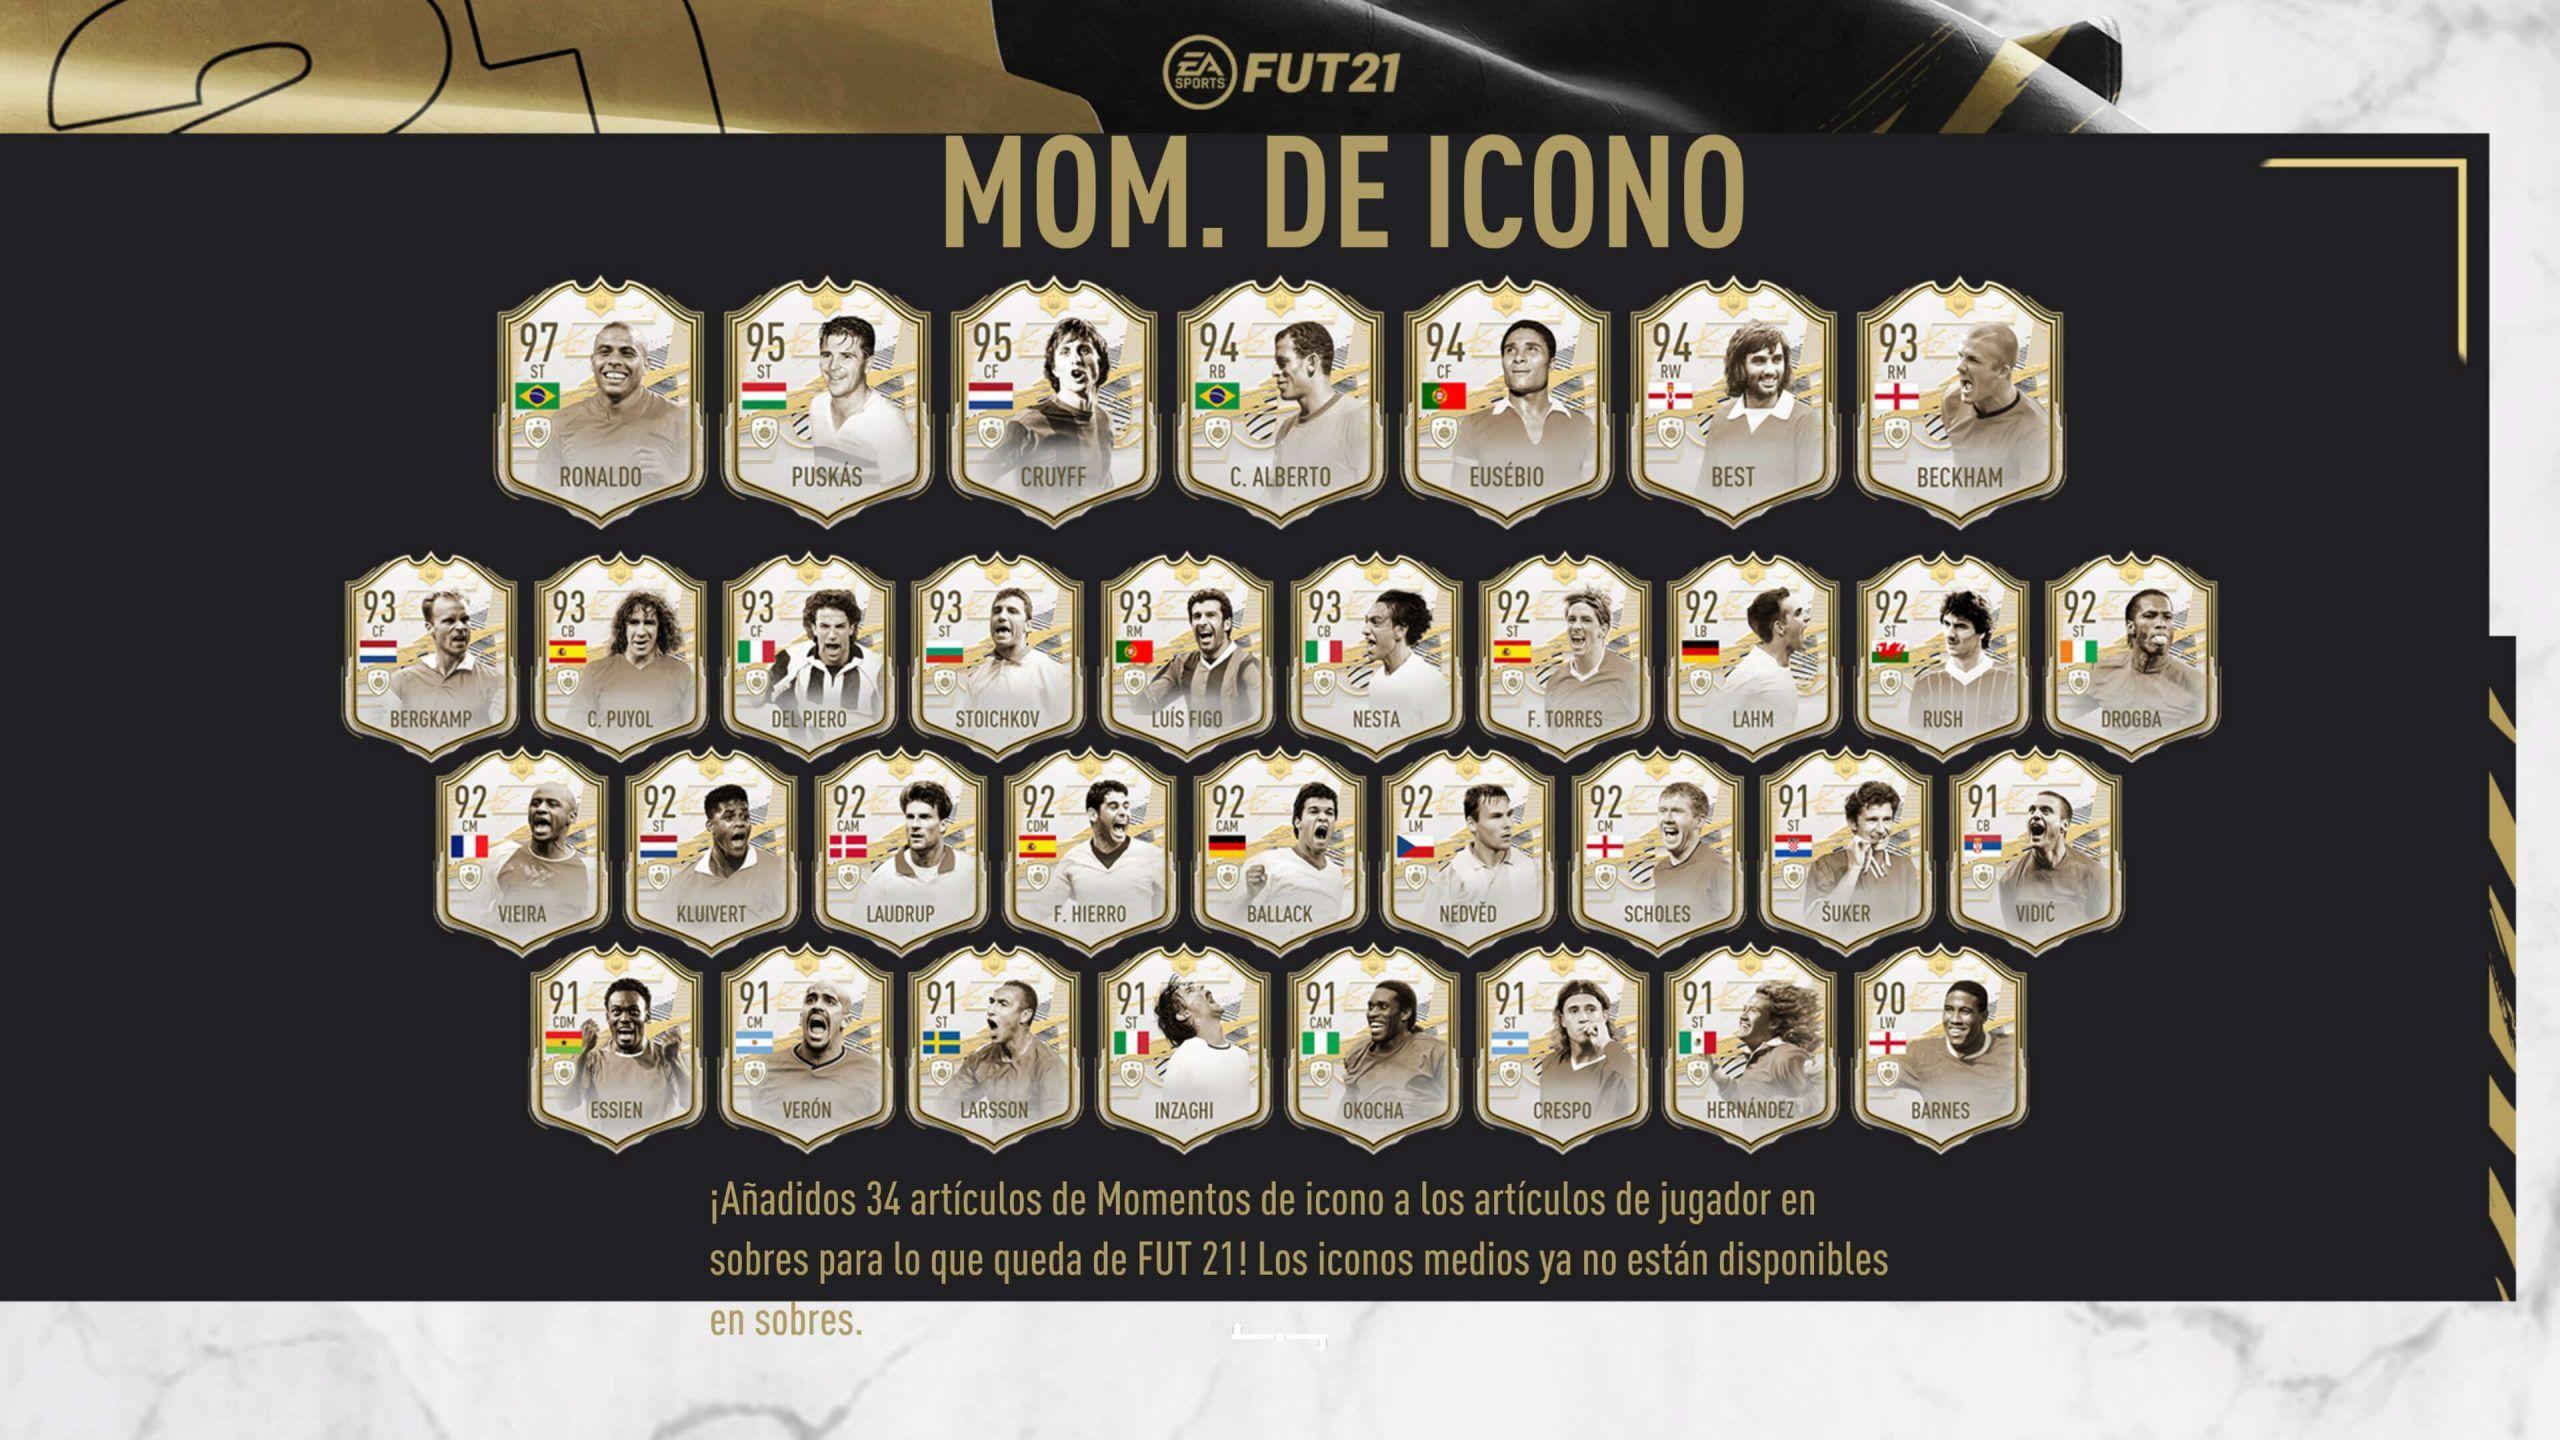 Iconos Prime Moments de FIFA 21 Ultimate Team